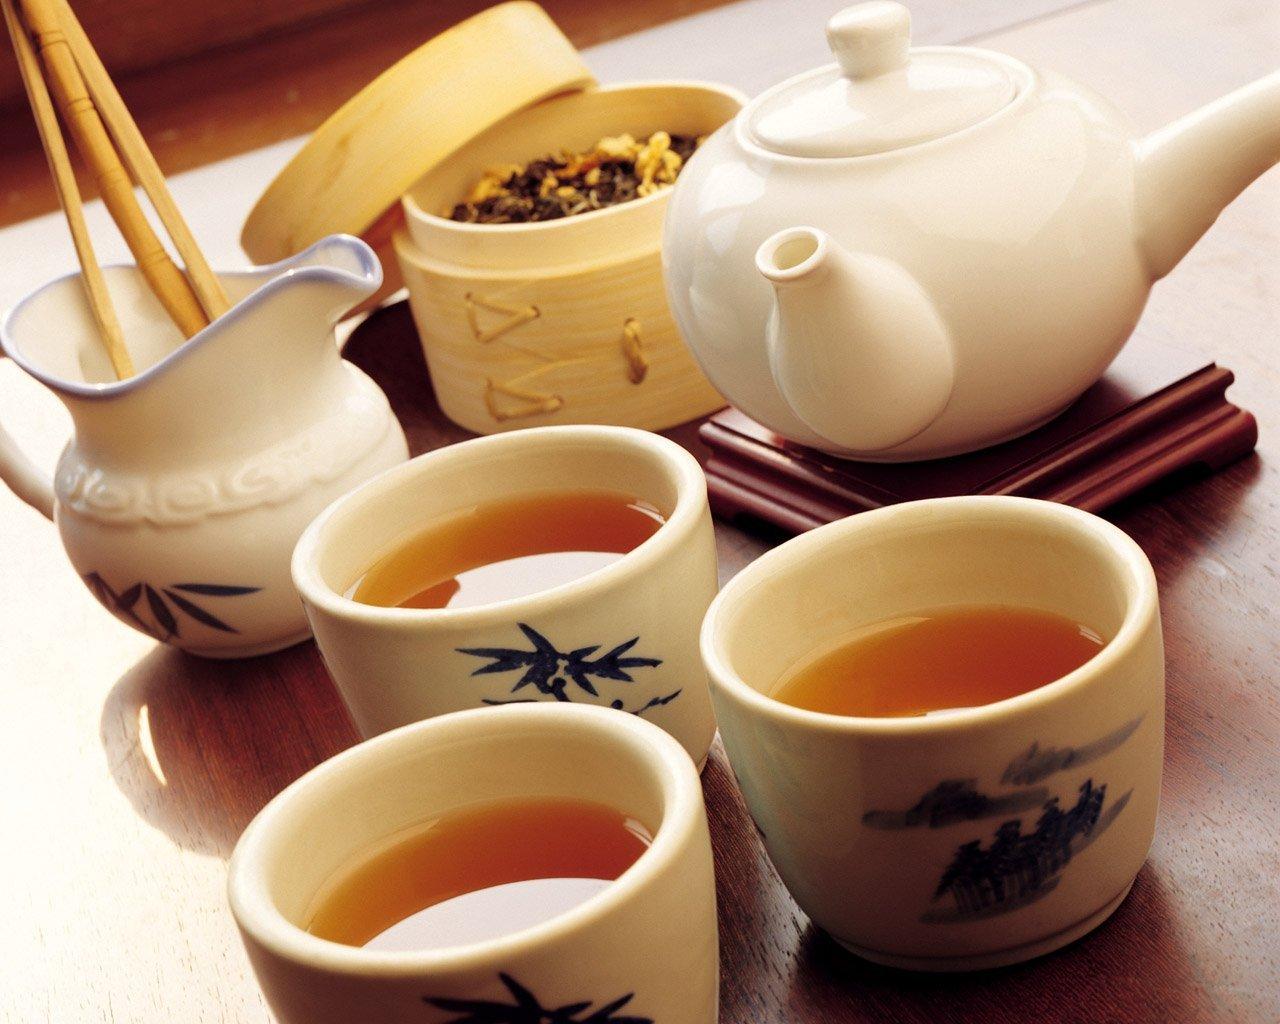 Sanatate in ceasca cu ceai